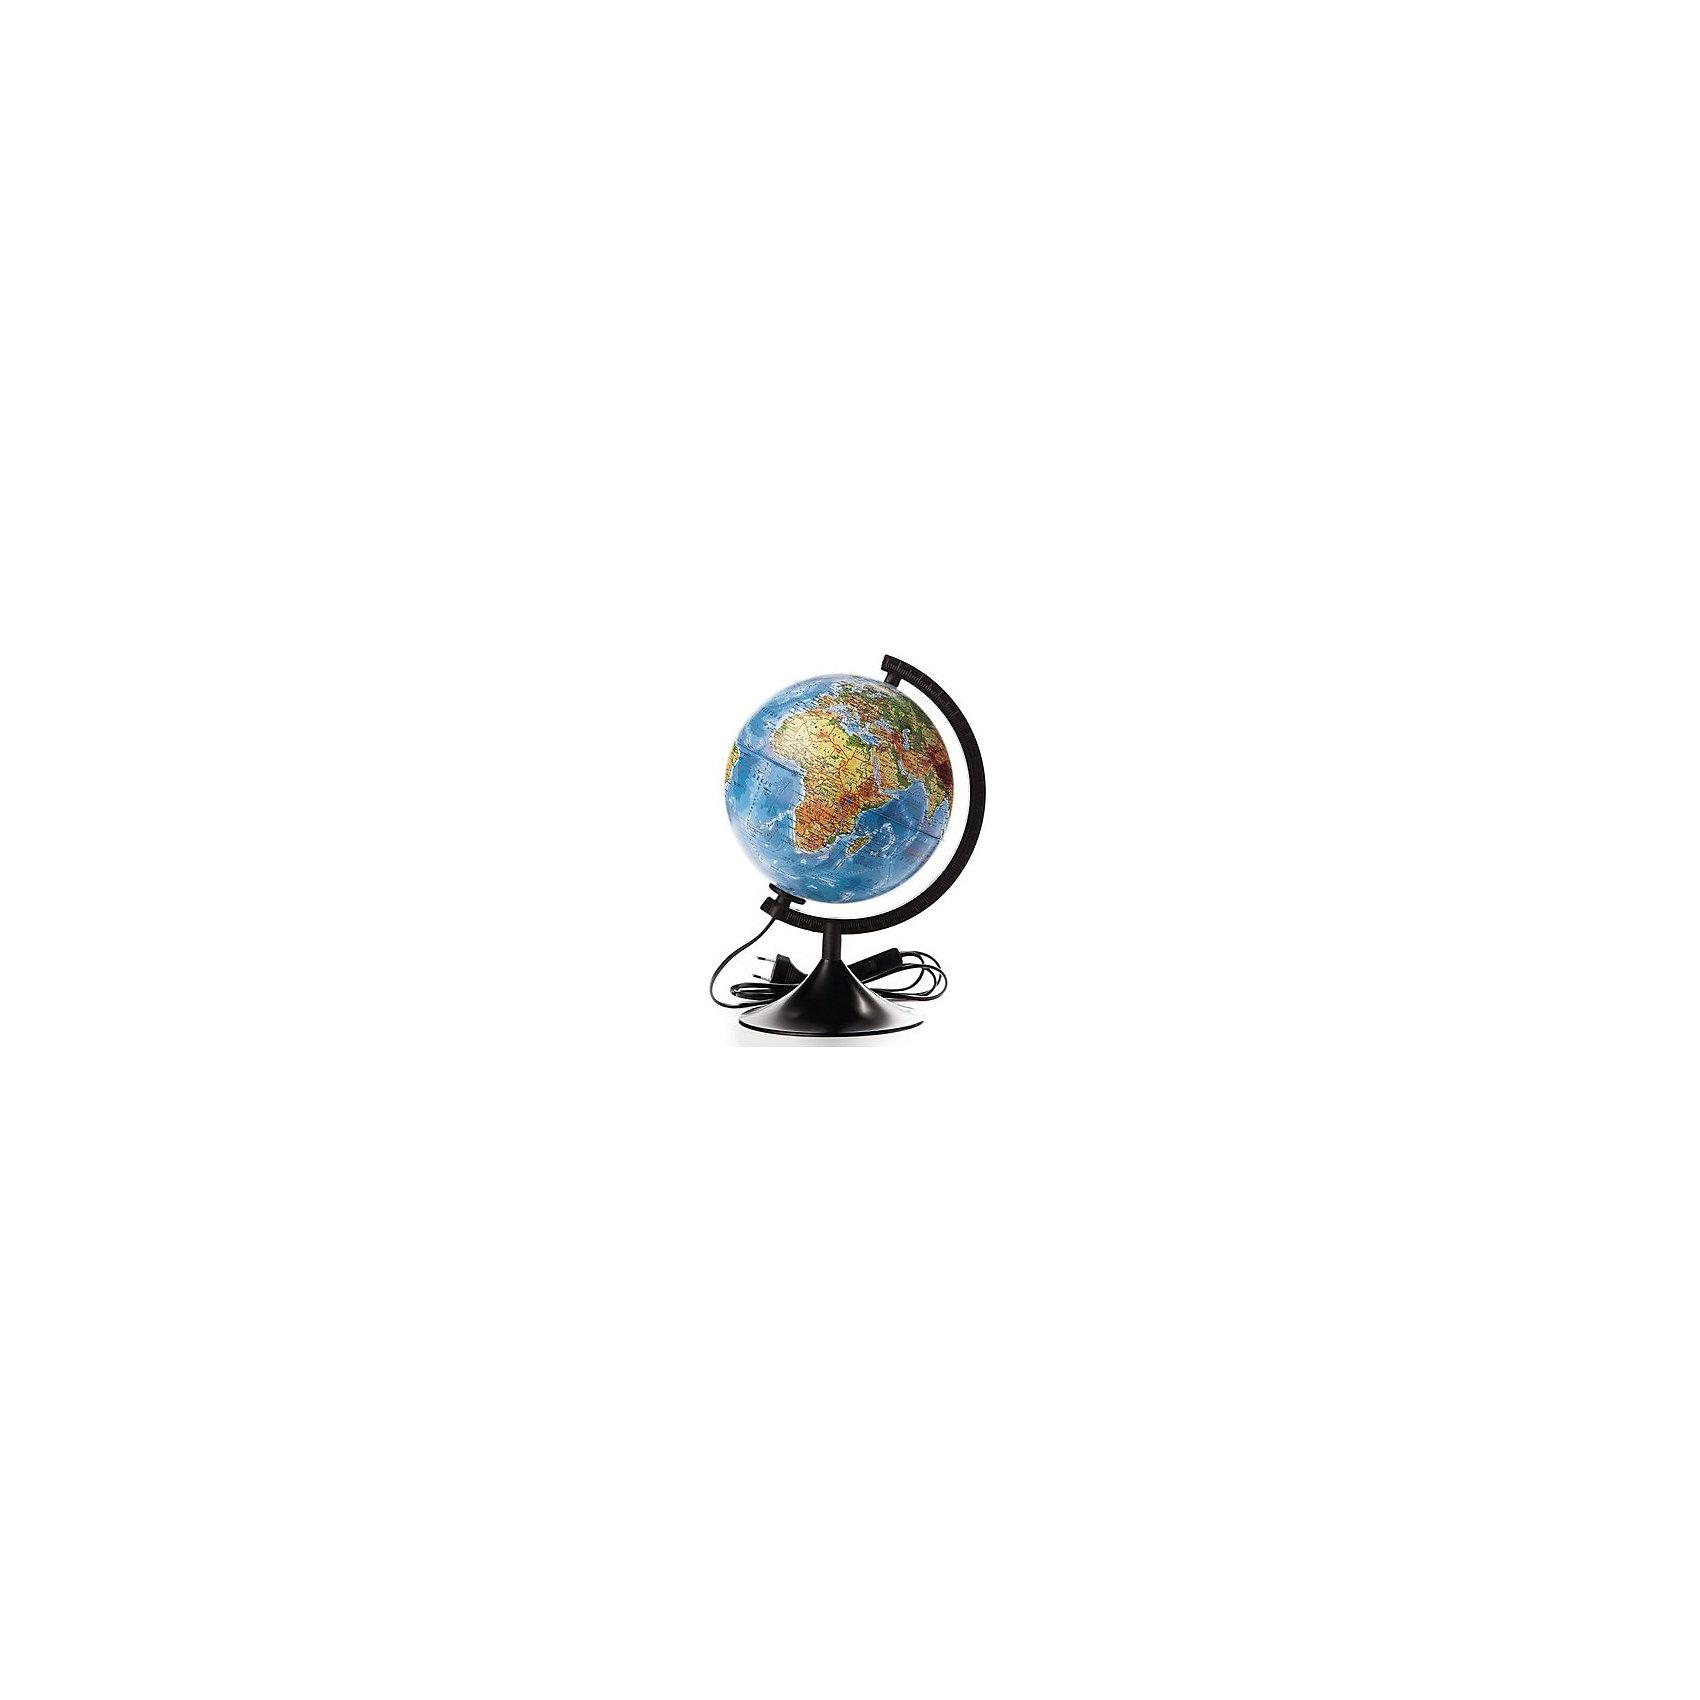 Глобус Земли физико-политический с подсветкой, диаметр диаметр 250 ммГлобусы<br>Глобус Земли физико-политический с подсветкой, д-р 250.<br><br>Характеристики:<br><br>• Для детей в возрасте: от 6 лет<br>• Диаметр: 25 см.<br>• Материал: пластик<br>• Цвет подставки и дуги: черный<br>• Подсветка работает от сети<br><br>Глобус Земли физико-политический с подсветкой станет замечательным наглядным пособием для вашего ребенка. Главная часть глобуса - его сфера - имеет очень интересное исполнение. Физическая карта, с нанесенными материками, океанами и морями, горными хребтами, плоскогорьями и равнинами, реками, озерами при включении подсветки превращается в политическую - становятся видны границы стран, а так же страны выделяются разными цветами. Такая особенность позволяет сочетать в одном глобусе два. Надписи выполнены на русском языке, четкие и легкочитаемые. Сфера глобуса изготовлена из прочного высококачественного пластика, поэтому она не расколется от случайного падения. Устойчивая подставка и дуга с градусными отметками выполнены из прочного высококачественного пластика черного цвета. Оптимальный диаметр глобуса 25 см позволит ему не занимать много места на столе.<br><br>Глобус Земли физико-политический с подсветкой, д-р 250 можно купить в нашем интернет-магазине.<br><br>Ширина мм: 270<br>Глубина мм: 250<br>Высота мм: 250<br>Вес г: 700<br>Возраст от месяцев: 72<br>Возраст до месяцев: 2147483647<br>Пол: Унисекс<br>Возраст: Детский<br>SKU: 5504468